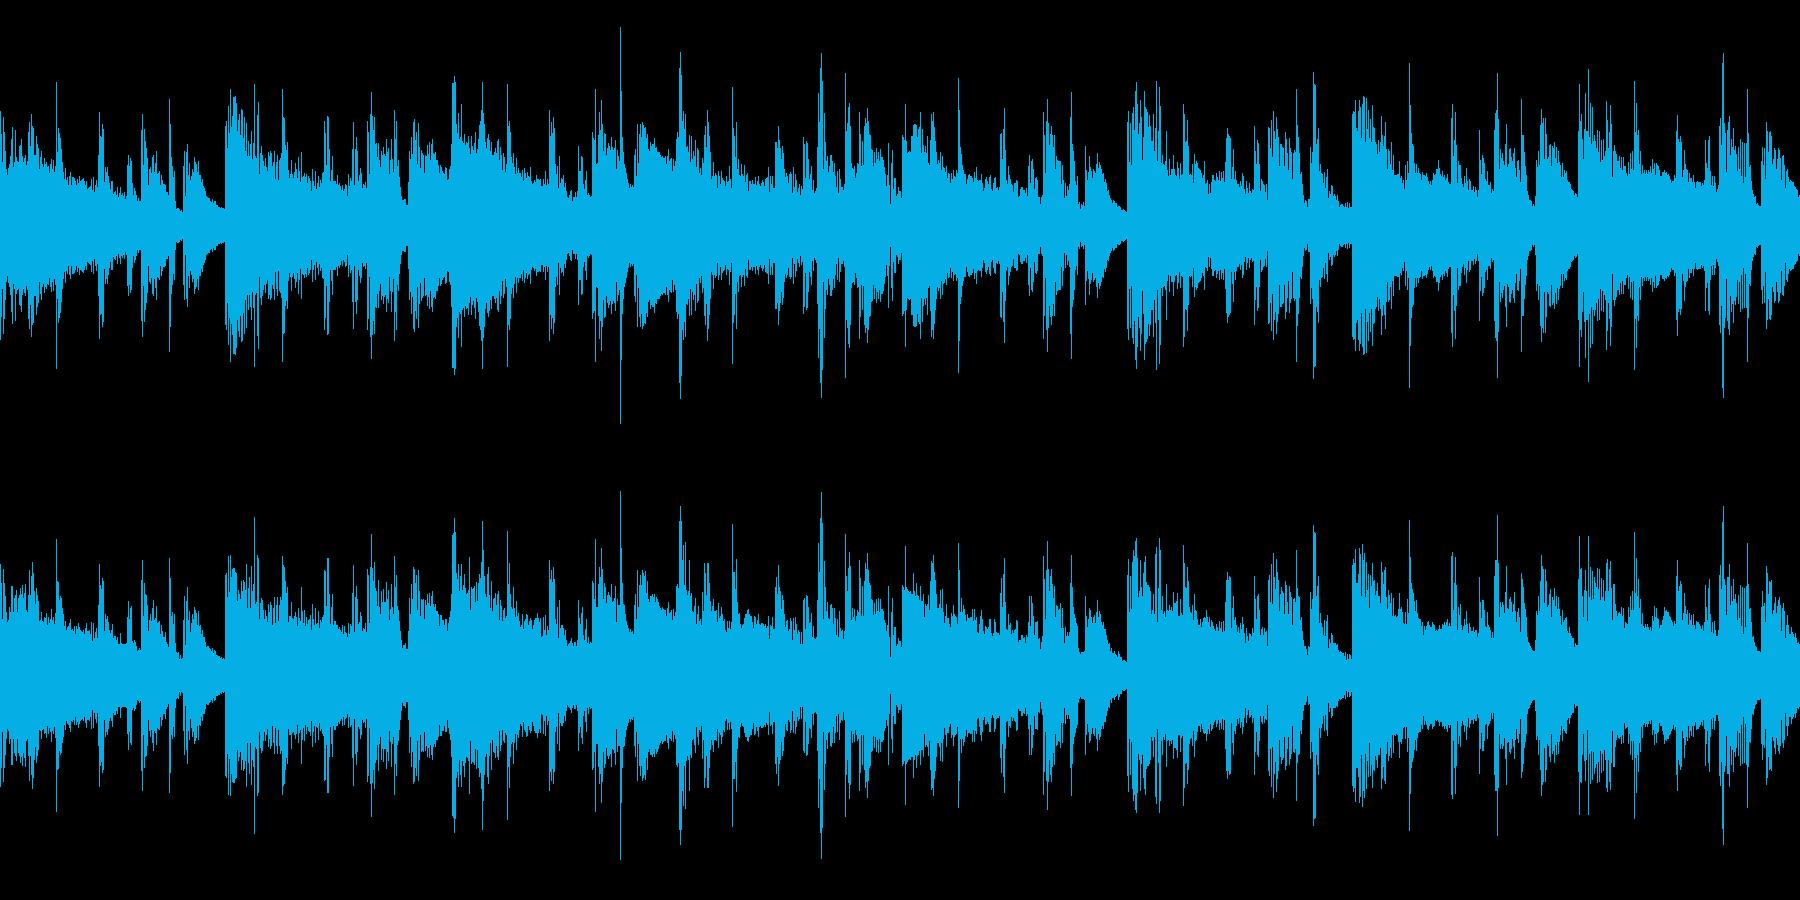 【ループ】メロウなローファイヒップホップの再生済みの波形